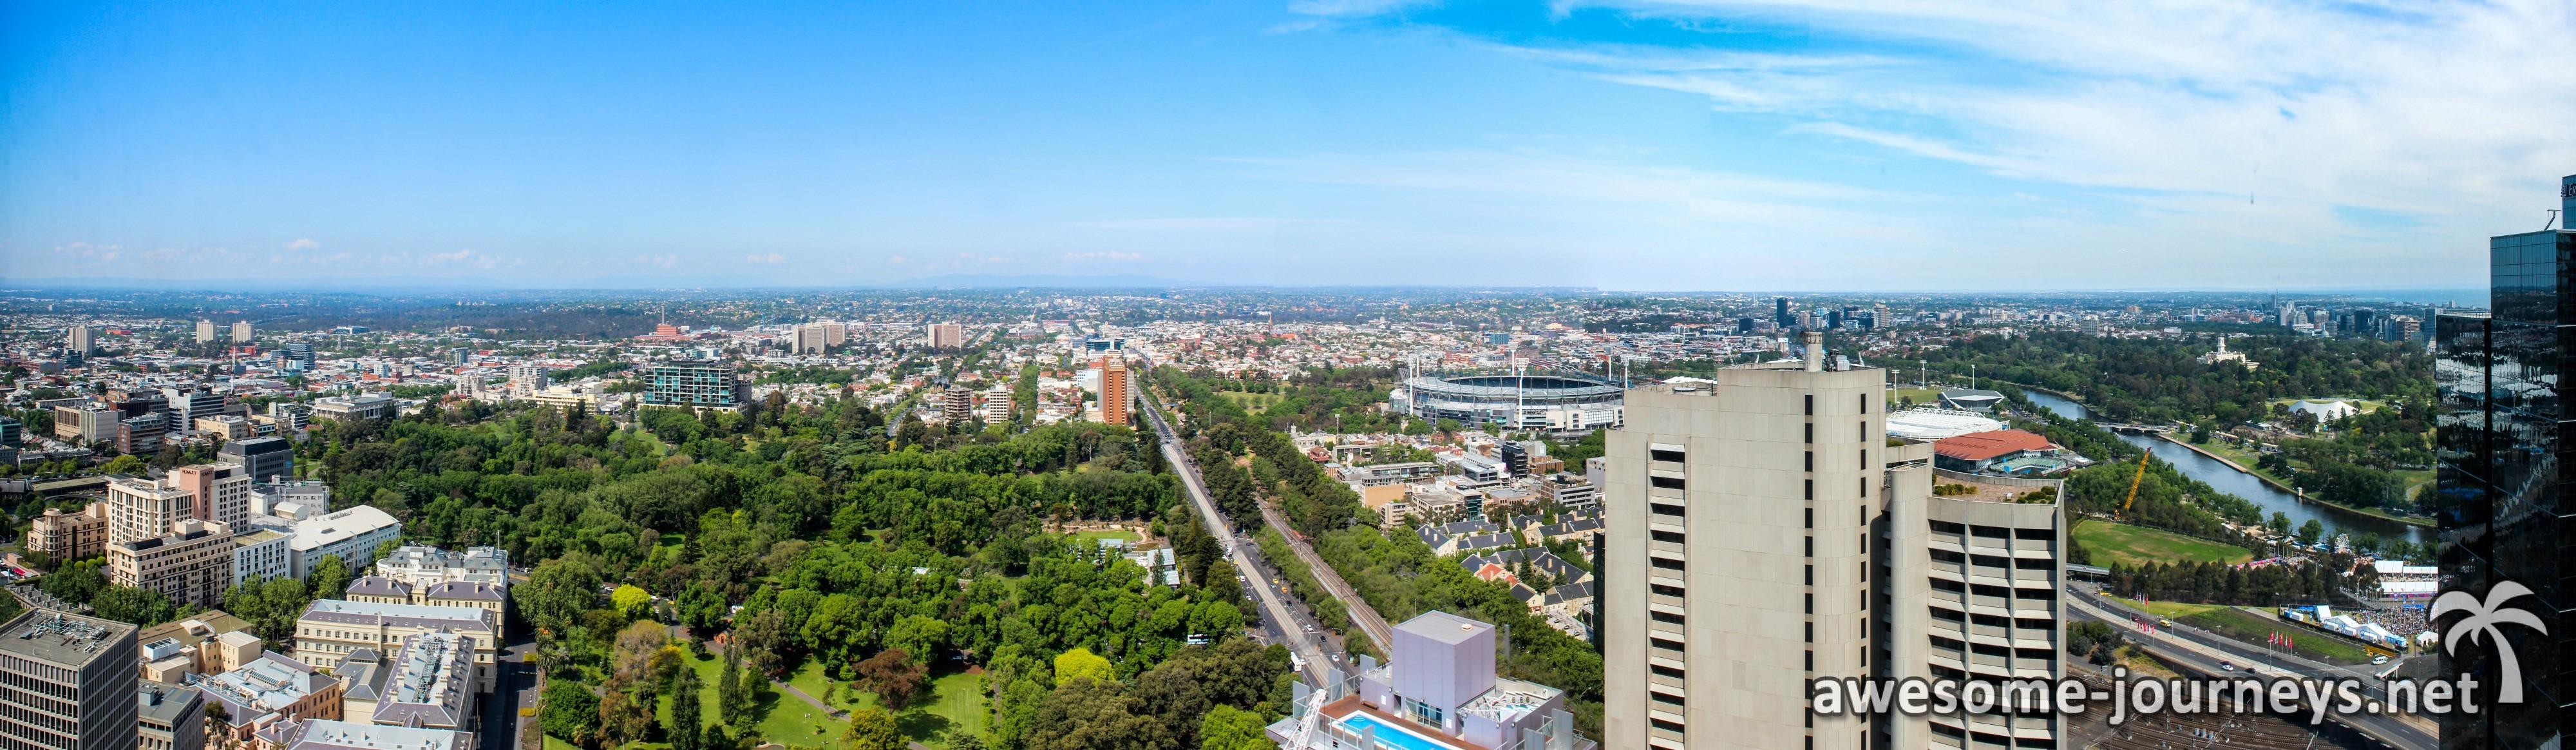 Ausblick von der Toilette vom Sofitel Hotel ;)